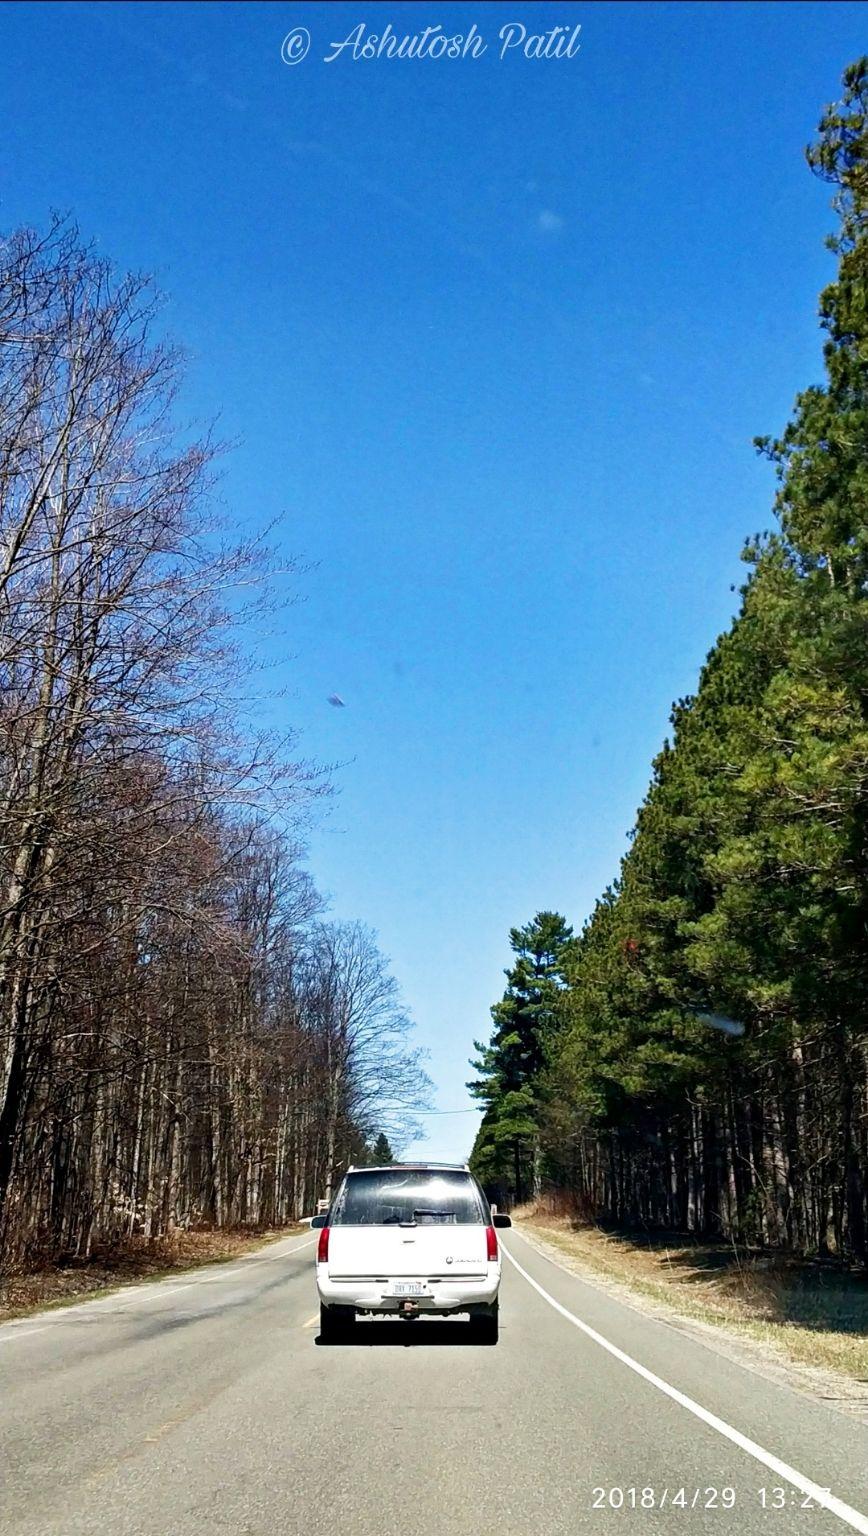 Photo of Upper Peninsula of Michigan By Ashutosh Patil